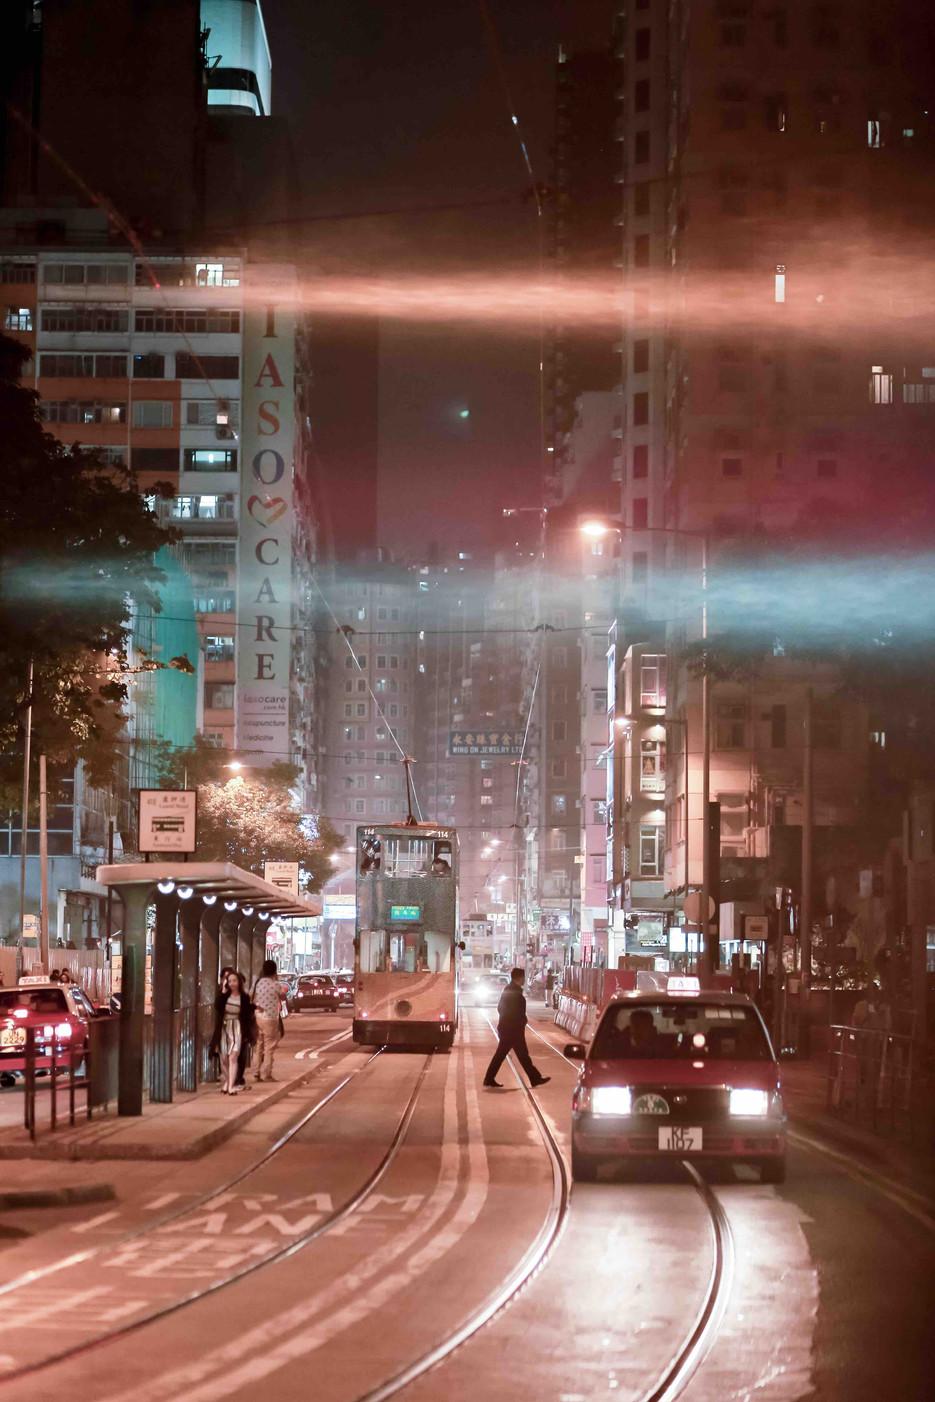 ZCM01d JeremyC_UrbanCanyon_SOUTHORN SONATA.jpg